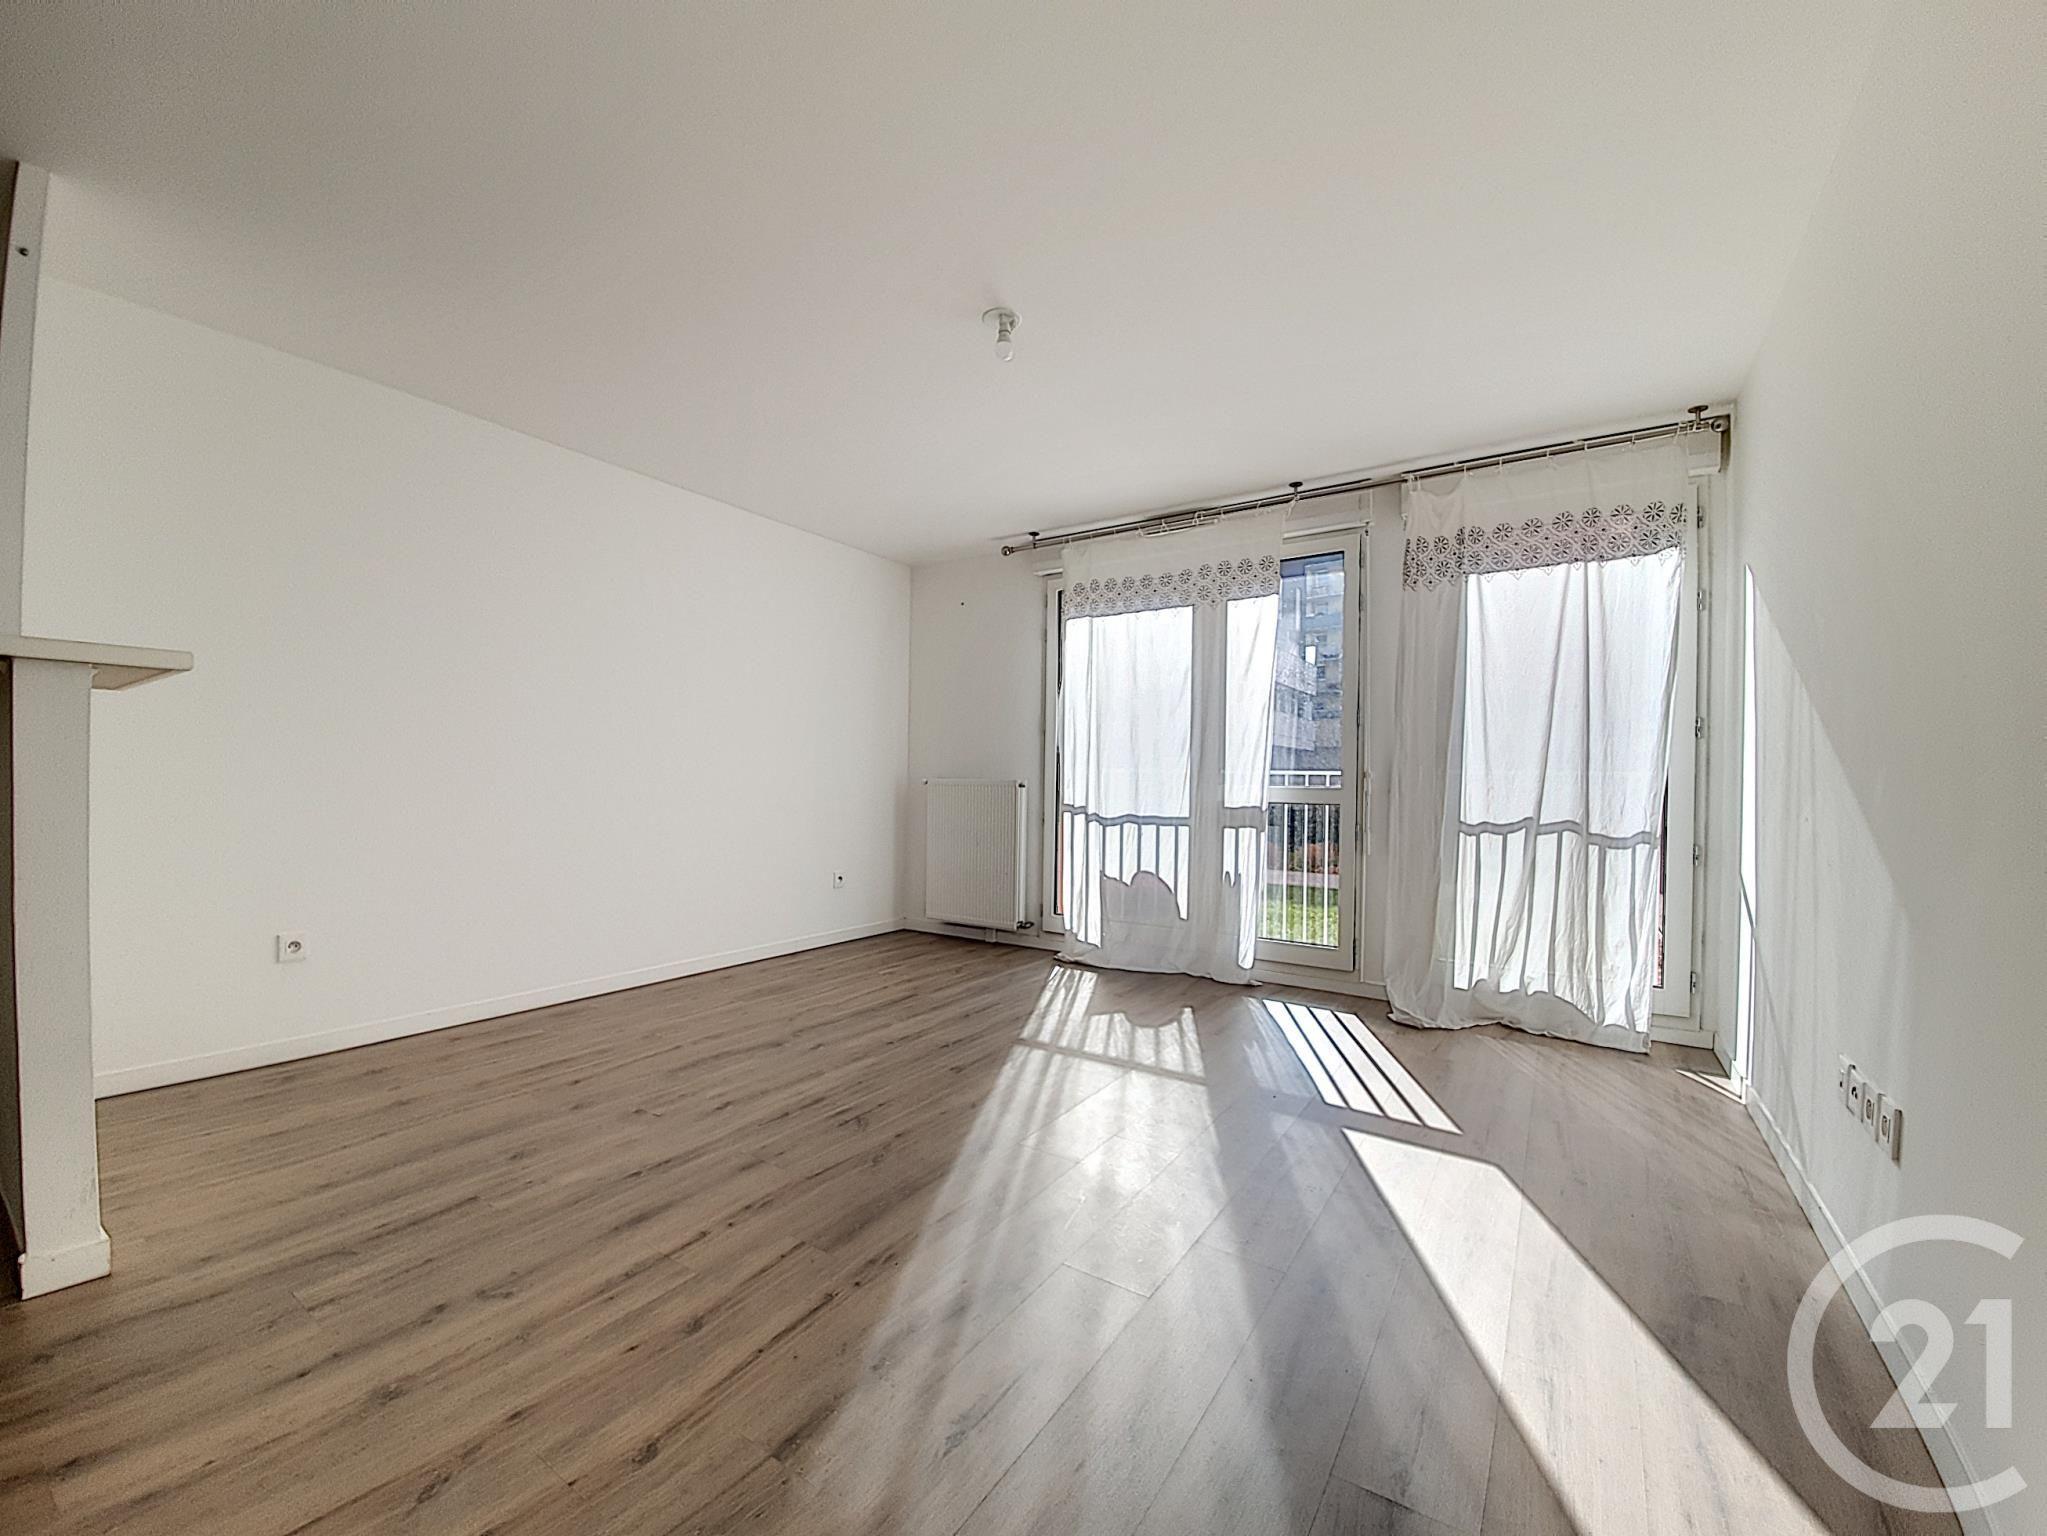 Appartement a louer colombes - 2 pièce(s) - 45.72 m2 - Surfyn